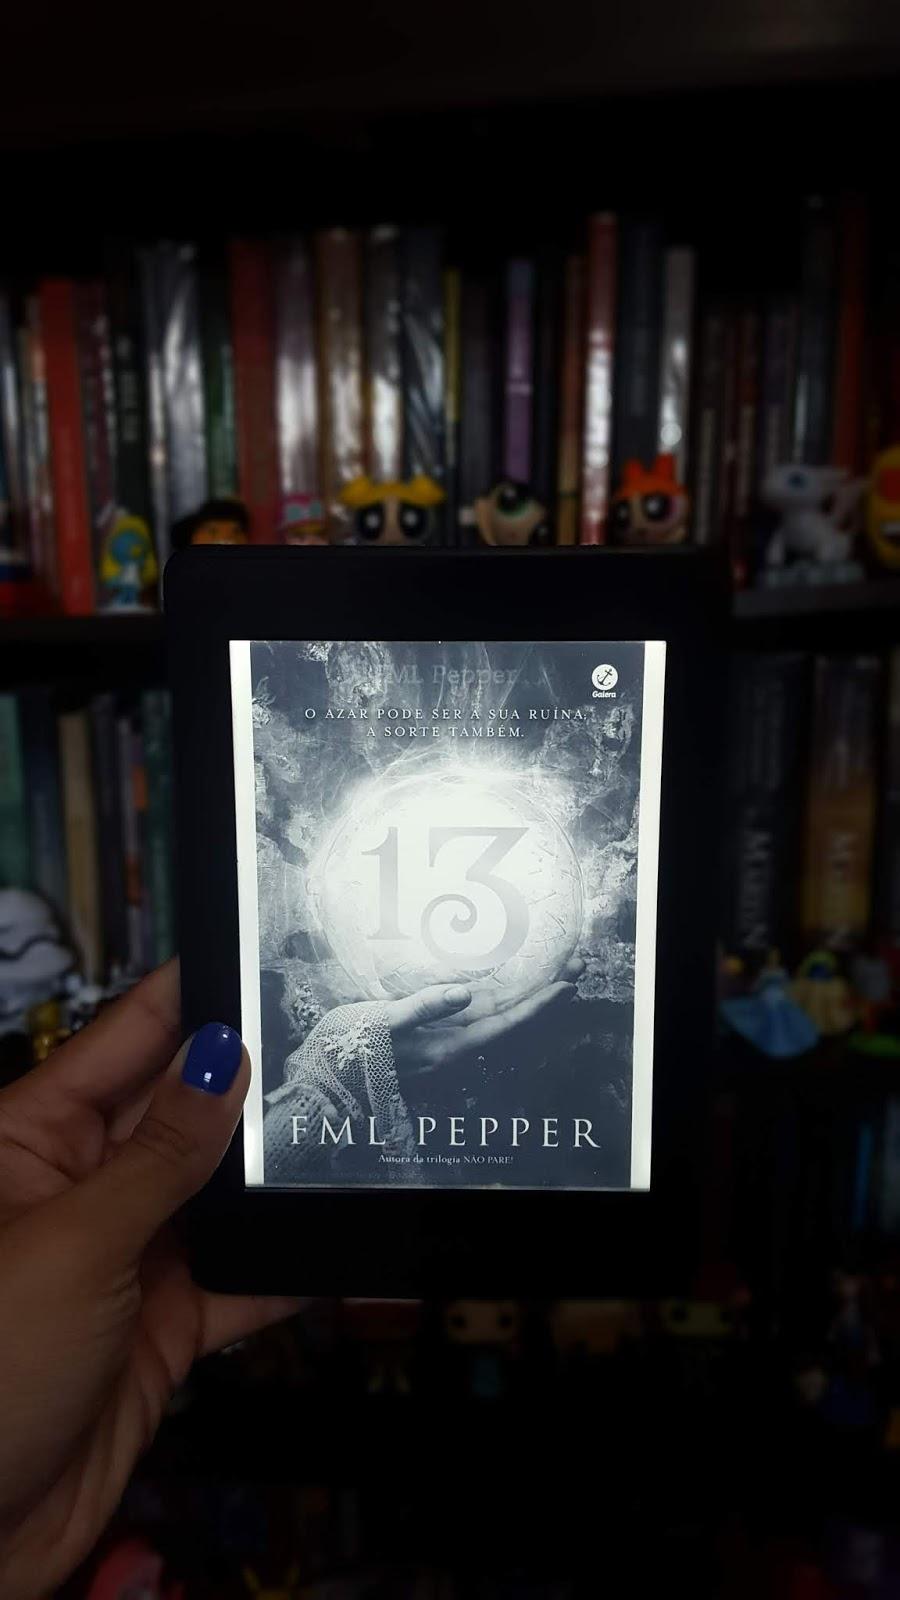 F M L Pepper